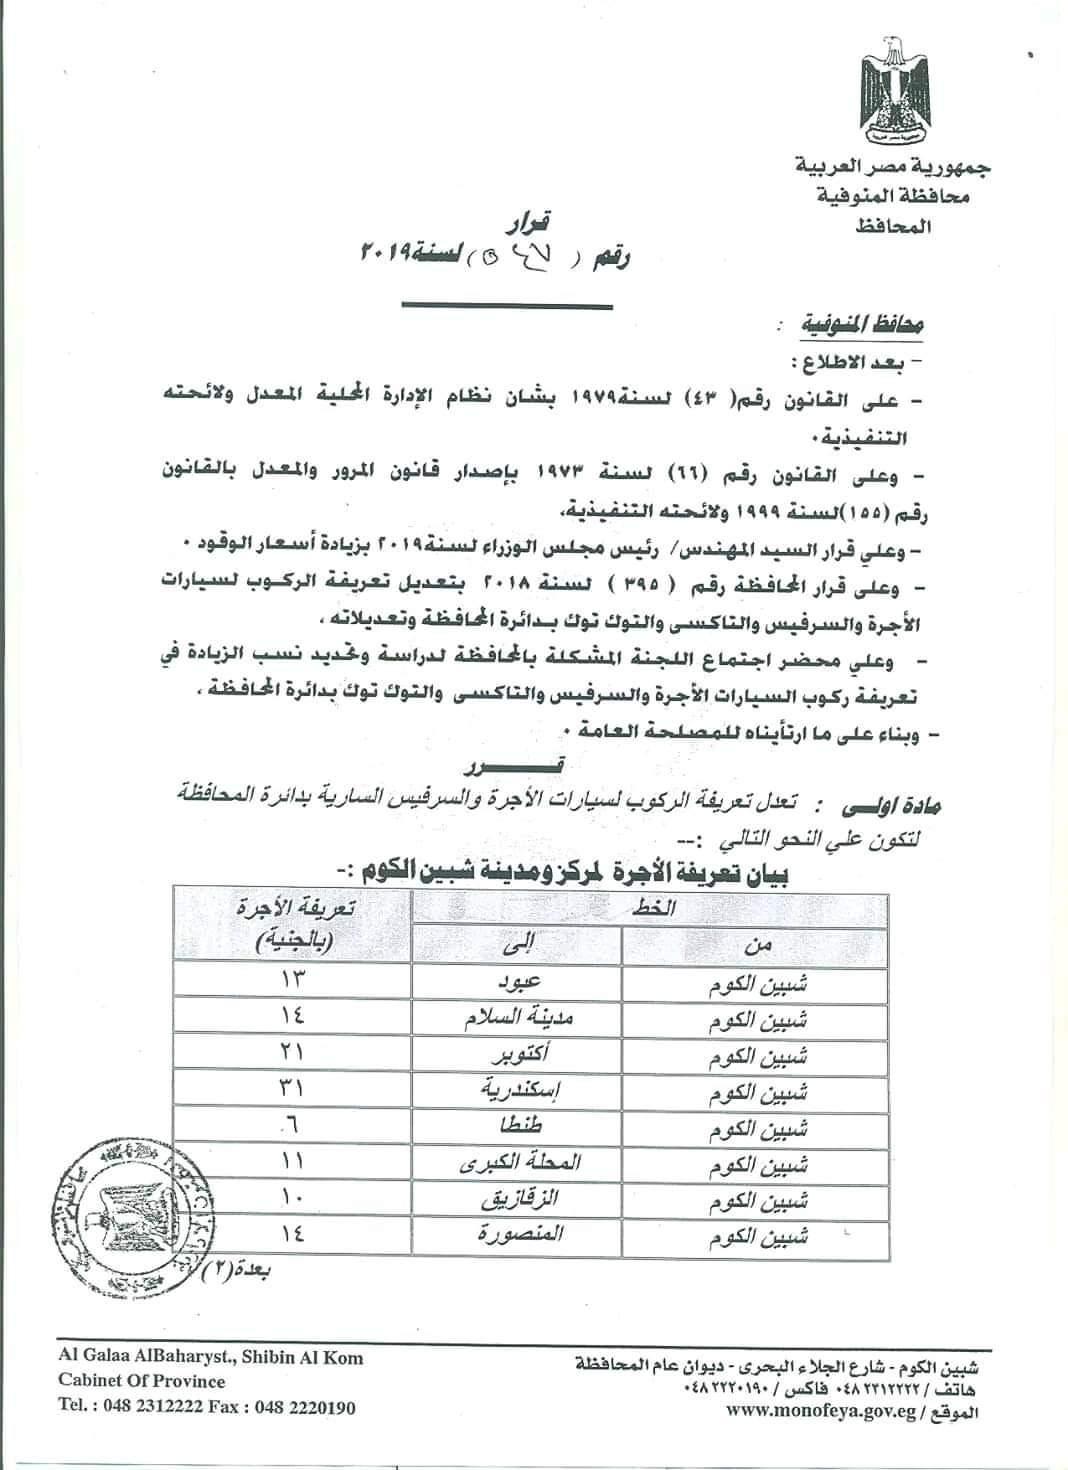 ننشر التعريفه الجديده للمواصلات داخل وبين المدن المصرية بعد زياده اسعار الوقود بجميع المحافظات FB_IMG_1562330868647